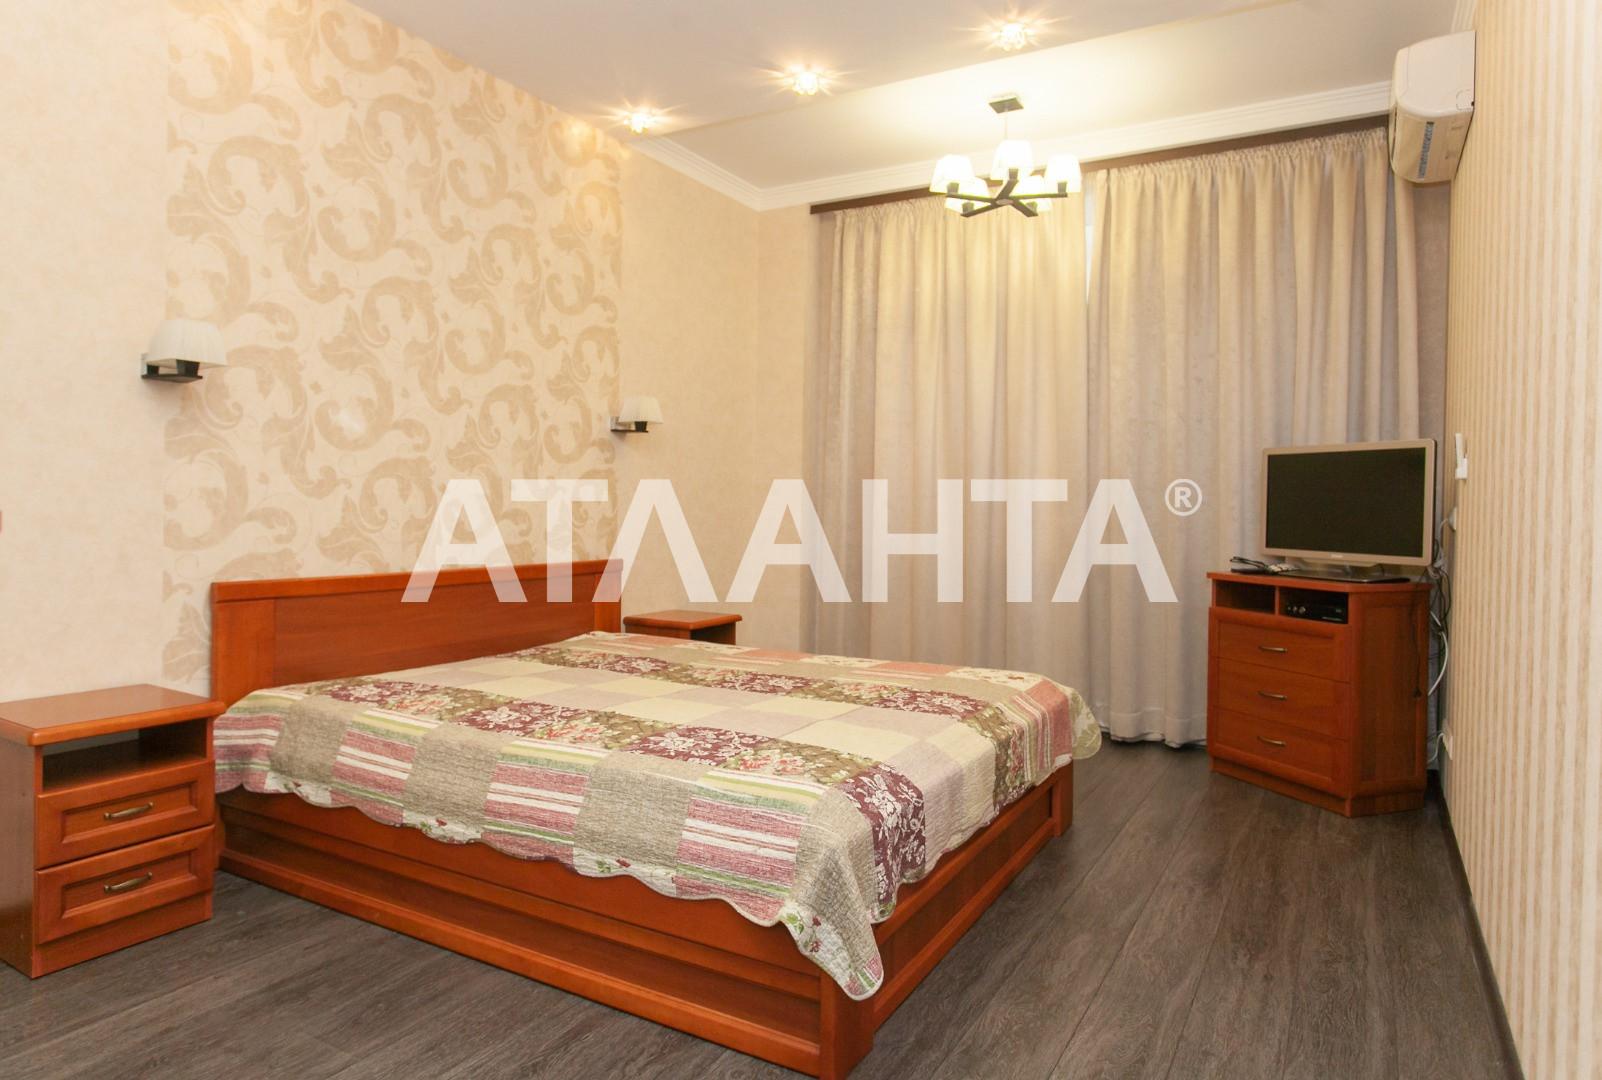 Сдается 3-комнатная Квартира на ул. Базарная (Кирова) — 700 у.е./мес. (фото №2)